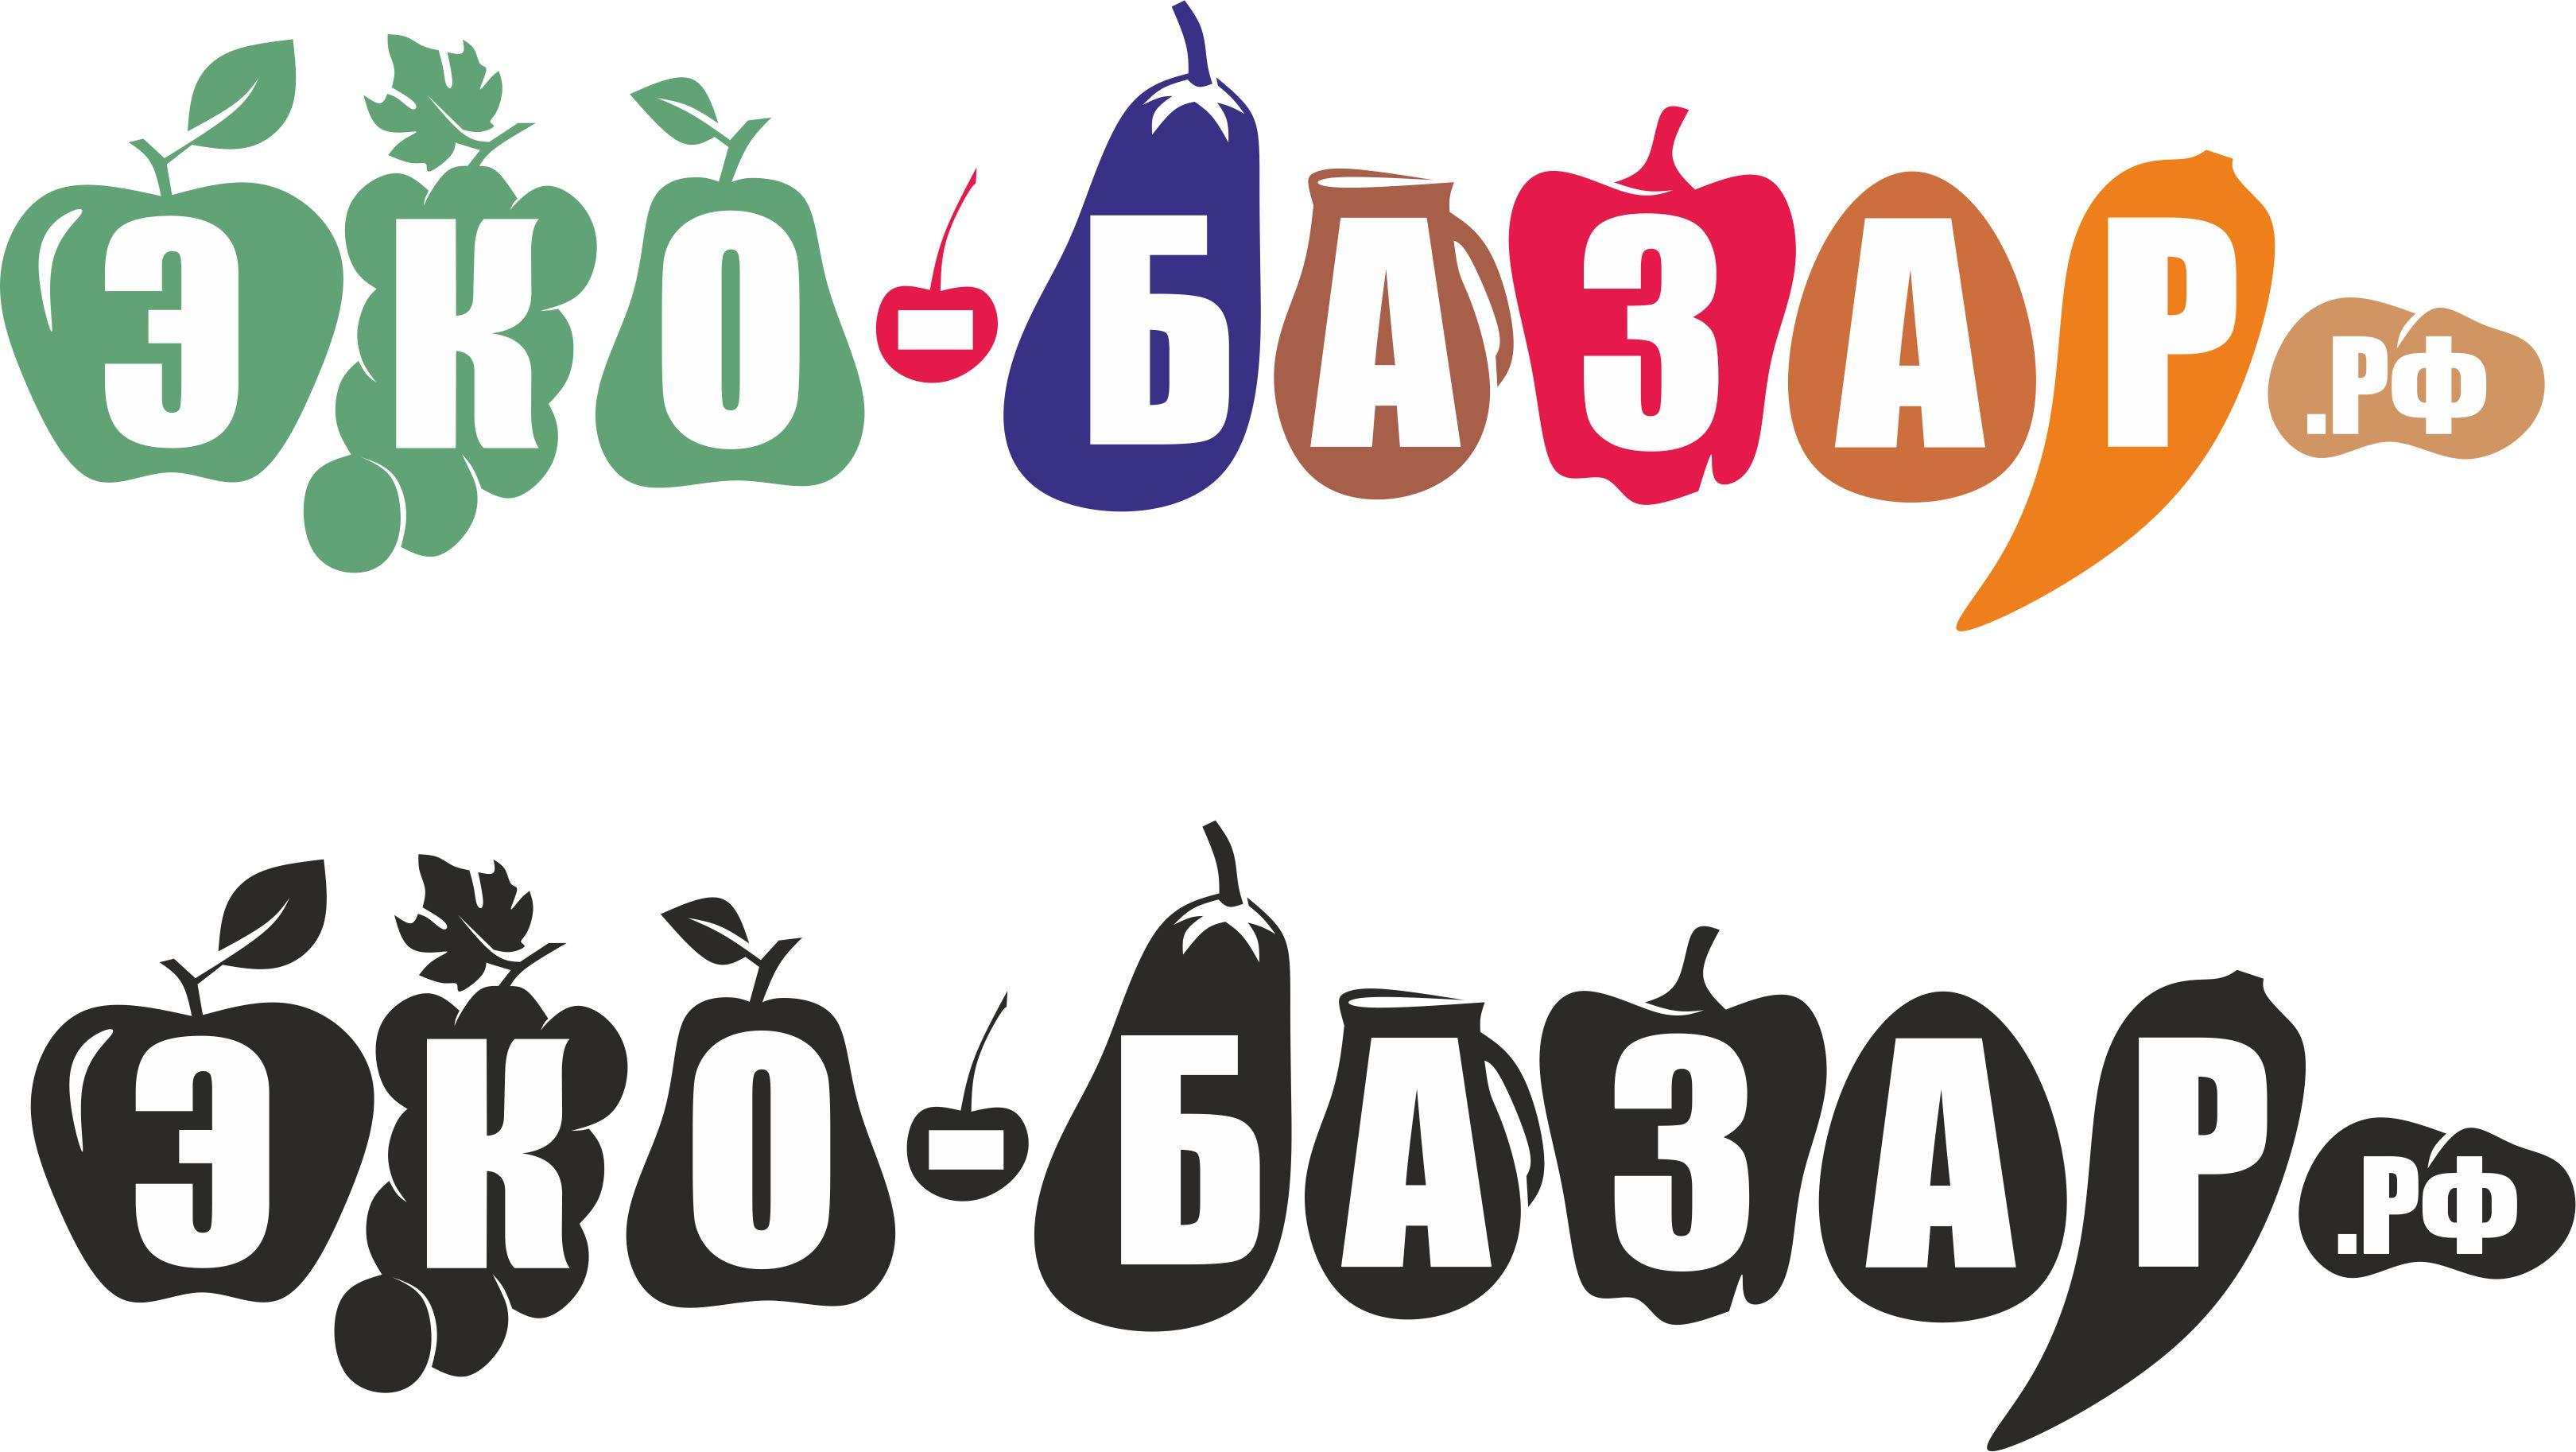 Логотип компании натуральных (фермерских) продуктов фото f_97159419e1e104c9.jpg